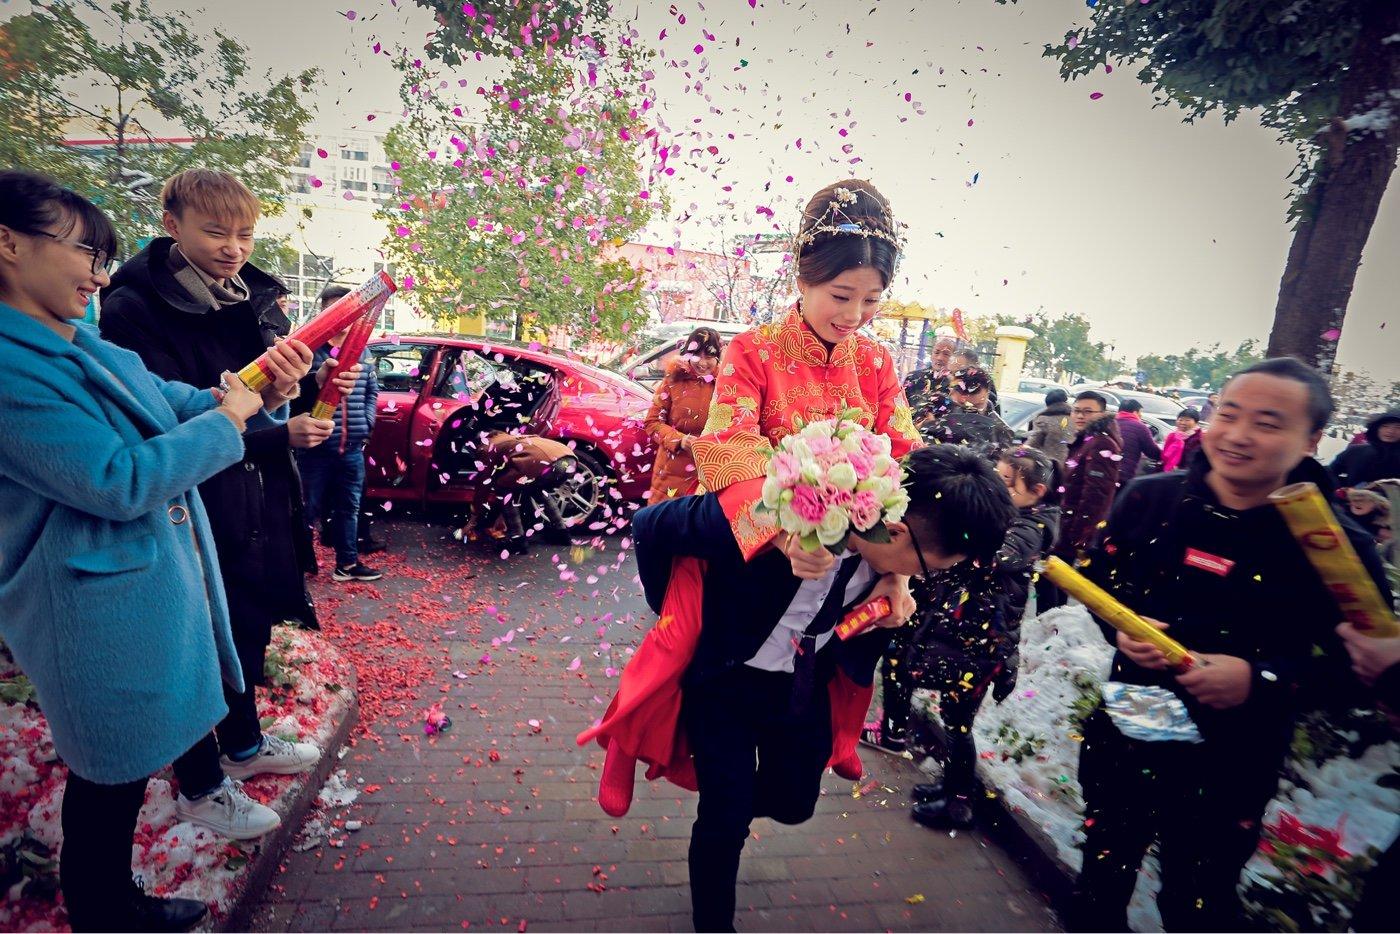 「Fantasy Wedding」&滨湖世纪金源酒店8